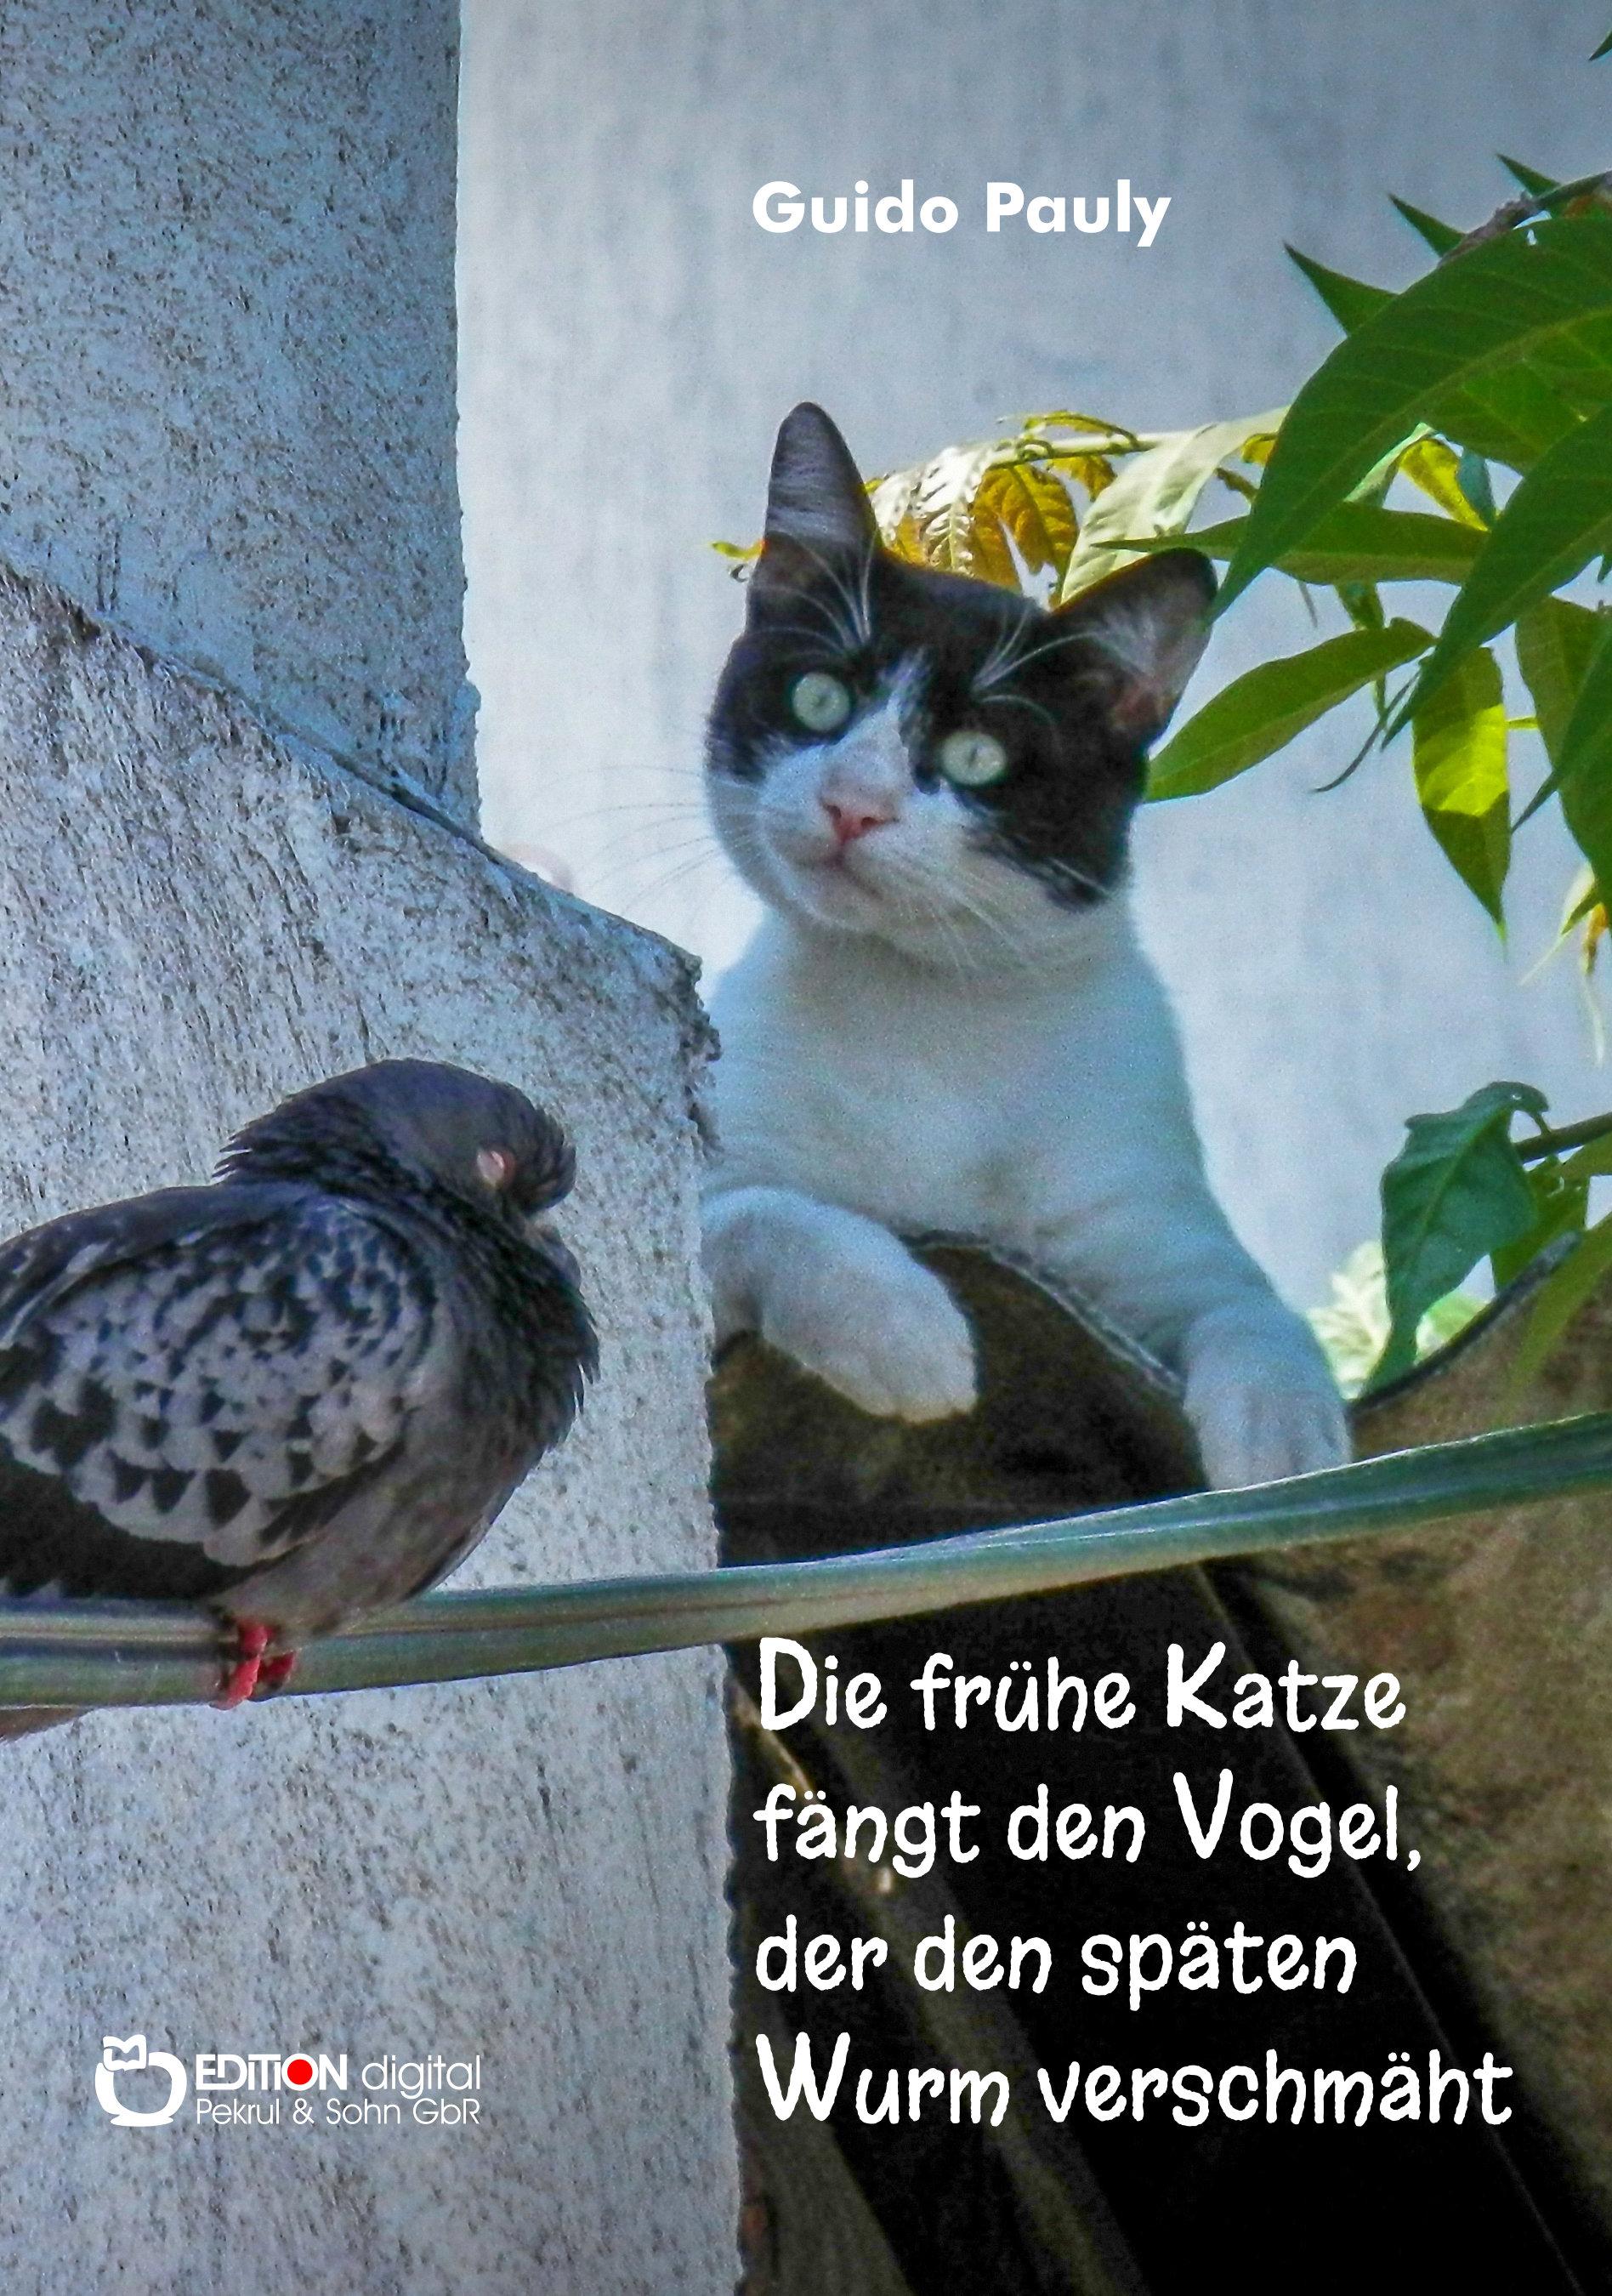 Die frühe Katze fängt den Vogel, der den späten Wurm verschmäht von Guido Pauly